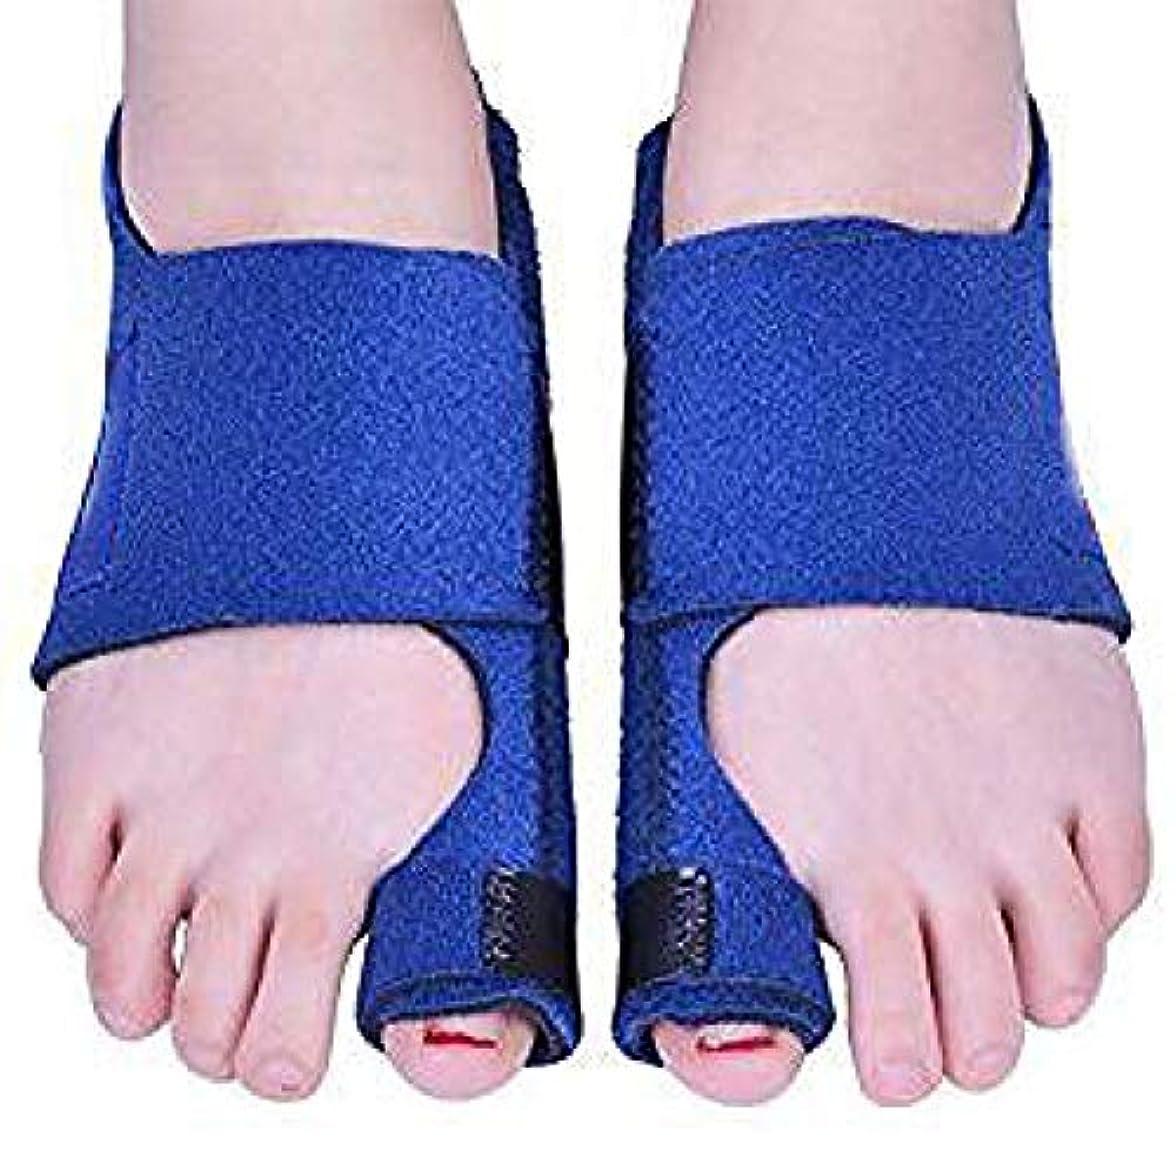 有効キャンセルラビリンスつま先矯正、重なったハンマー用のつま先のケア、つま先の痛み、平らな足の痛み、男性と女性用のつま先のストレートナー,Blue